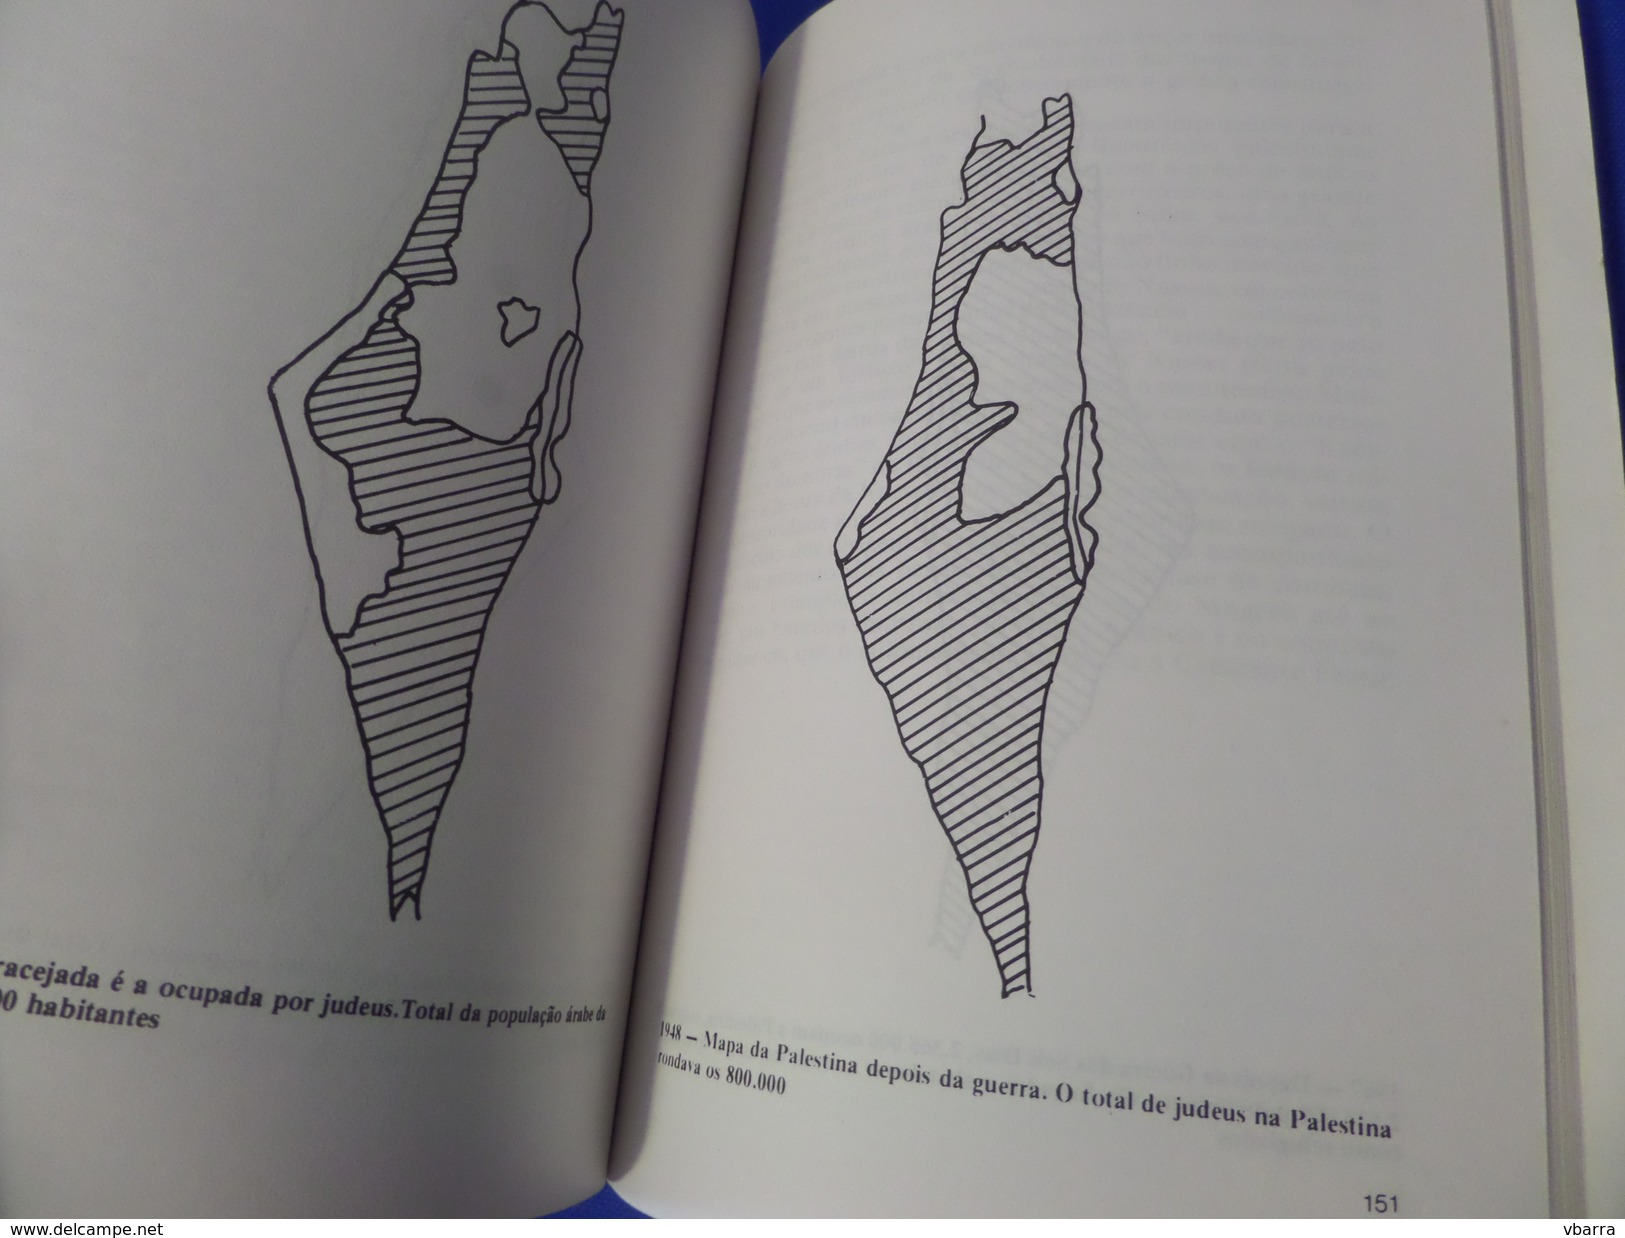 A Palestina Na Historia Palestine In History La Palestina En La Historia Palestine Dans L'histoire - Cultura